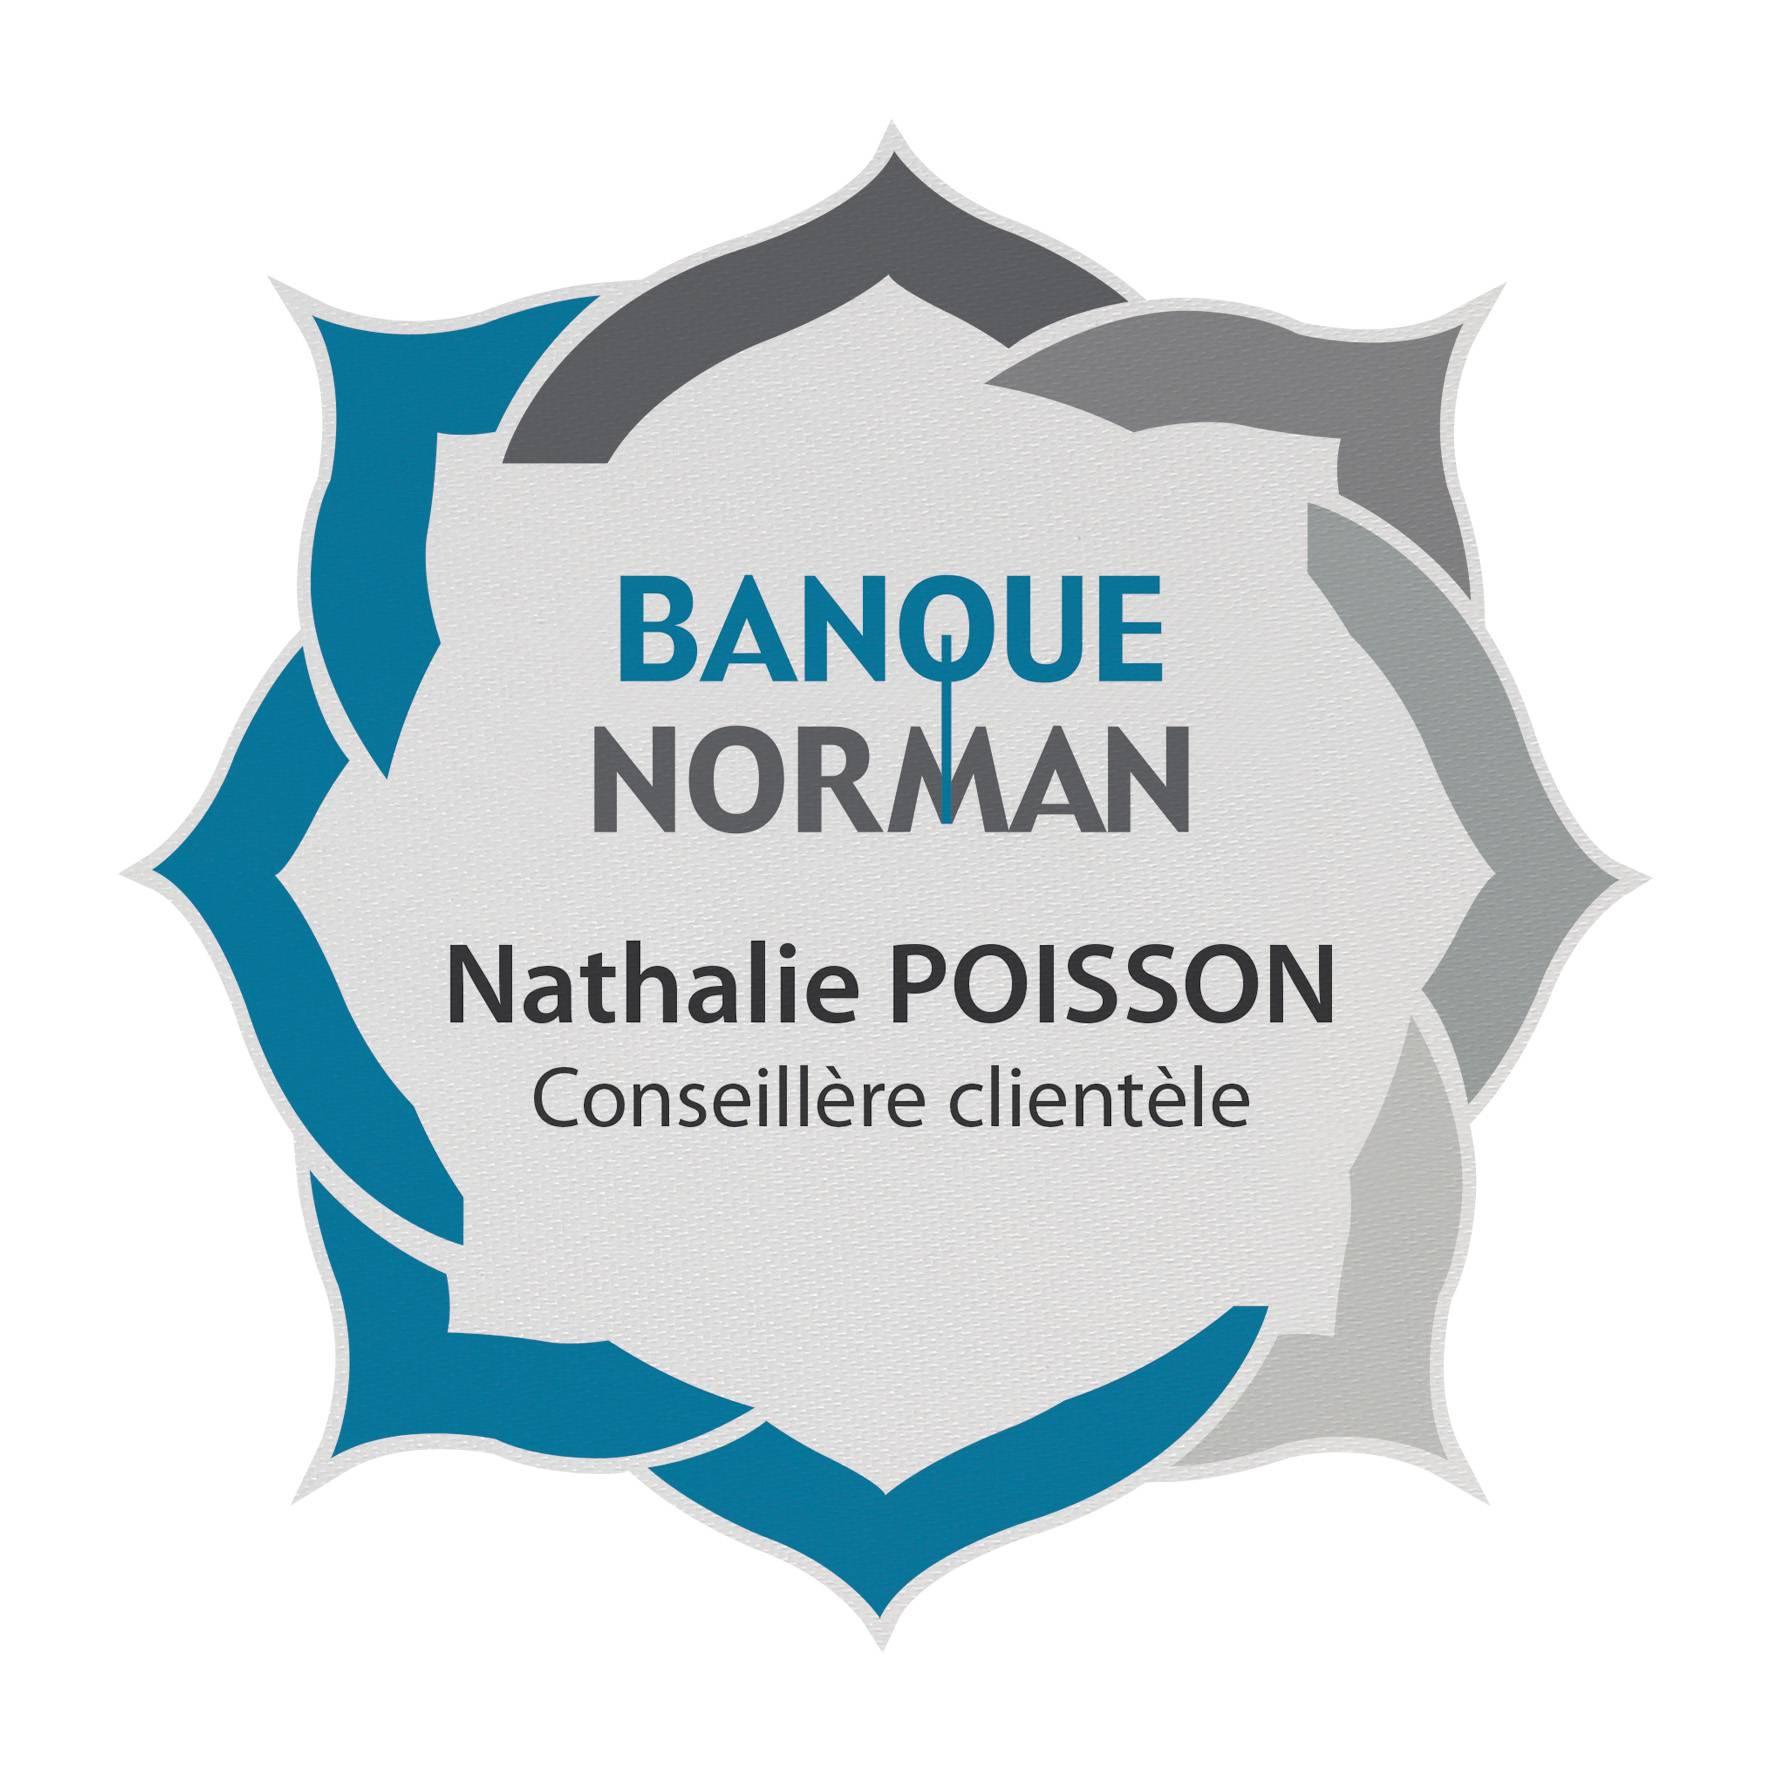 Objet publicitaire sur-mesure - Badge personnalisable pour textile < 14 cm²